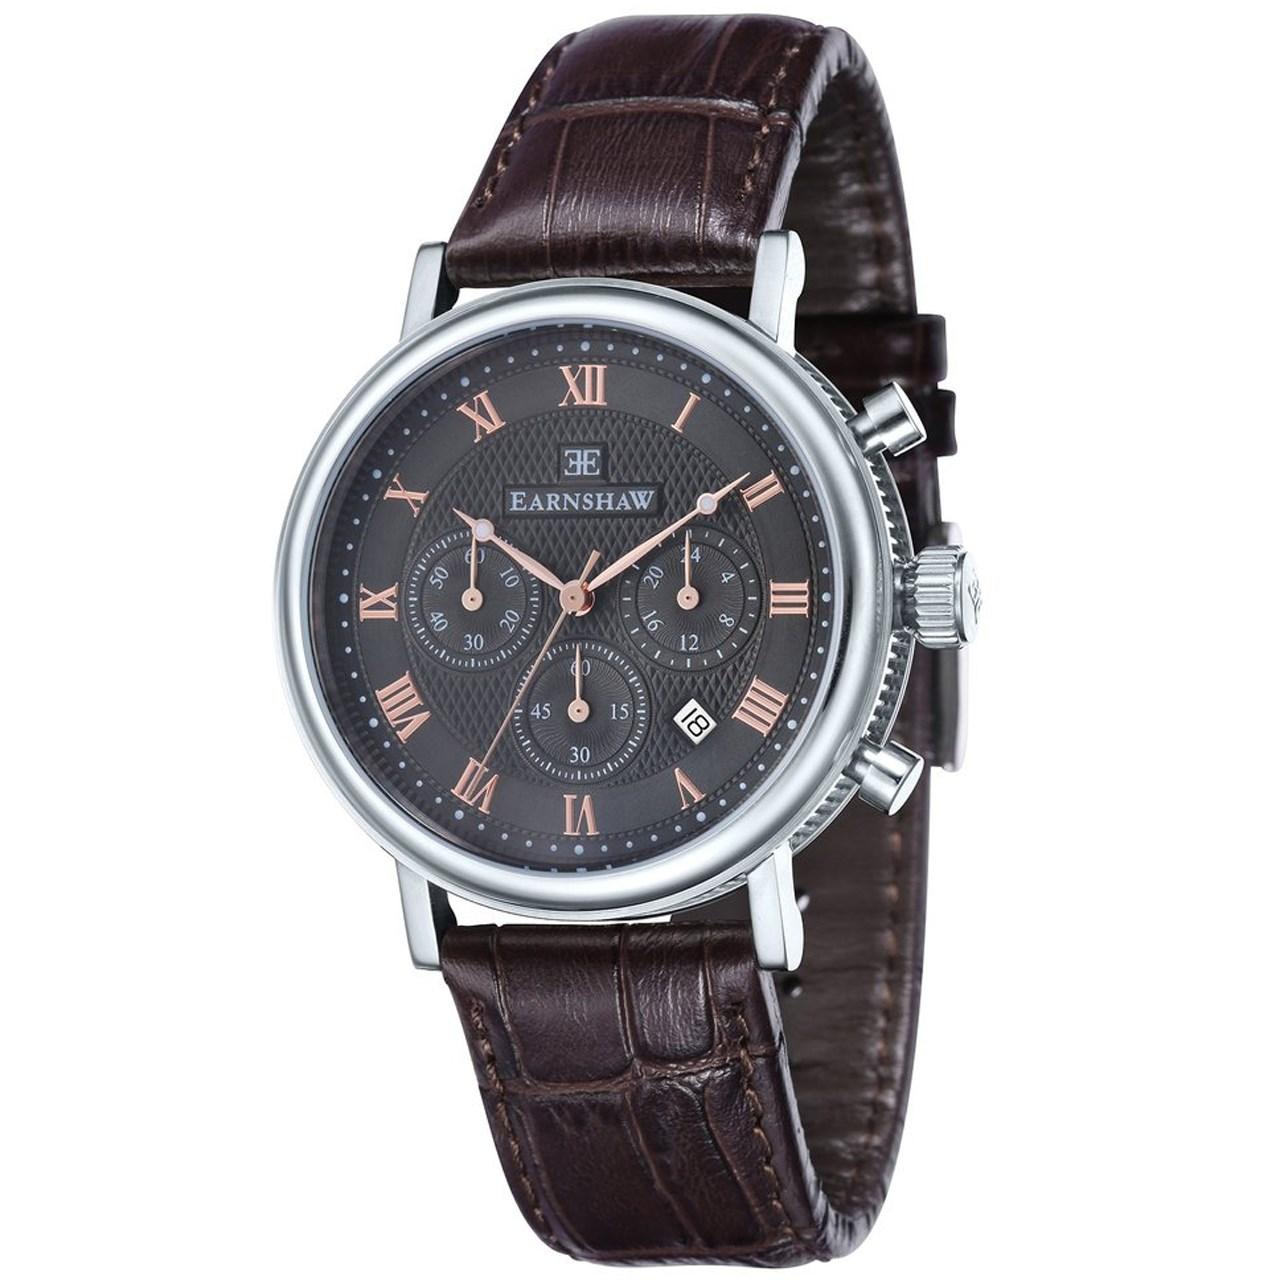 ساعت  ارنشا مدل ES-8051-01